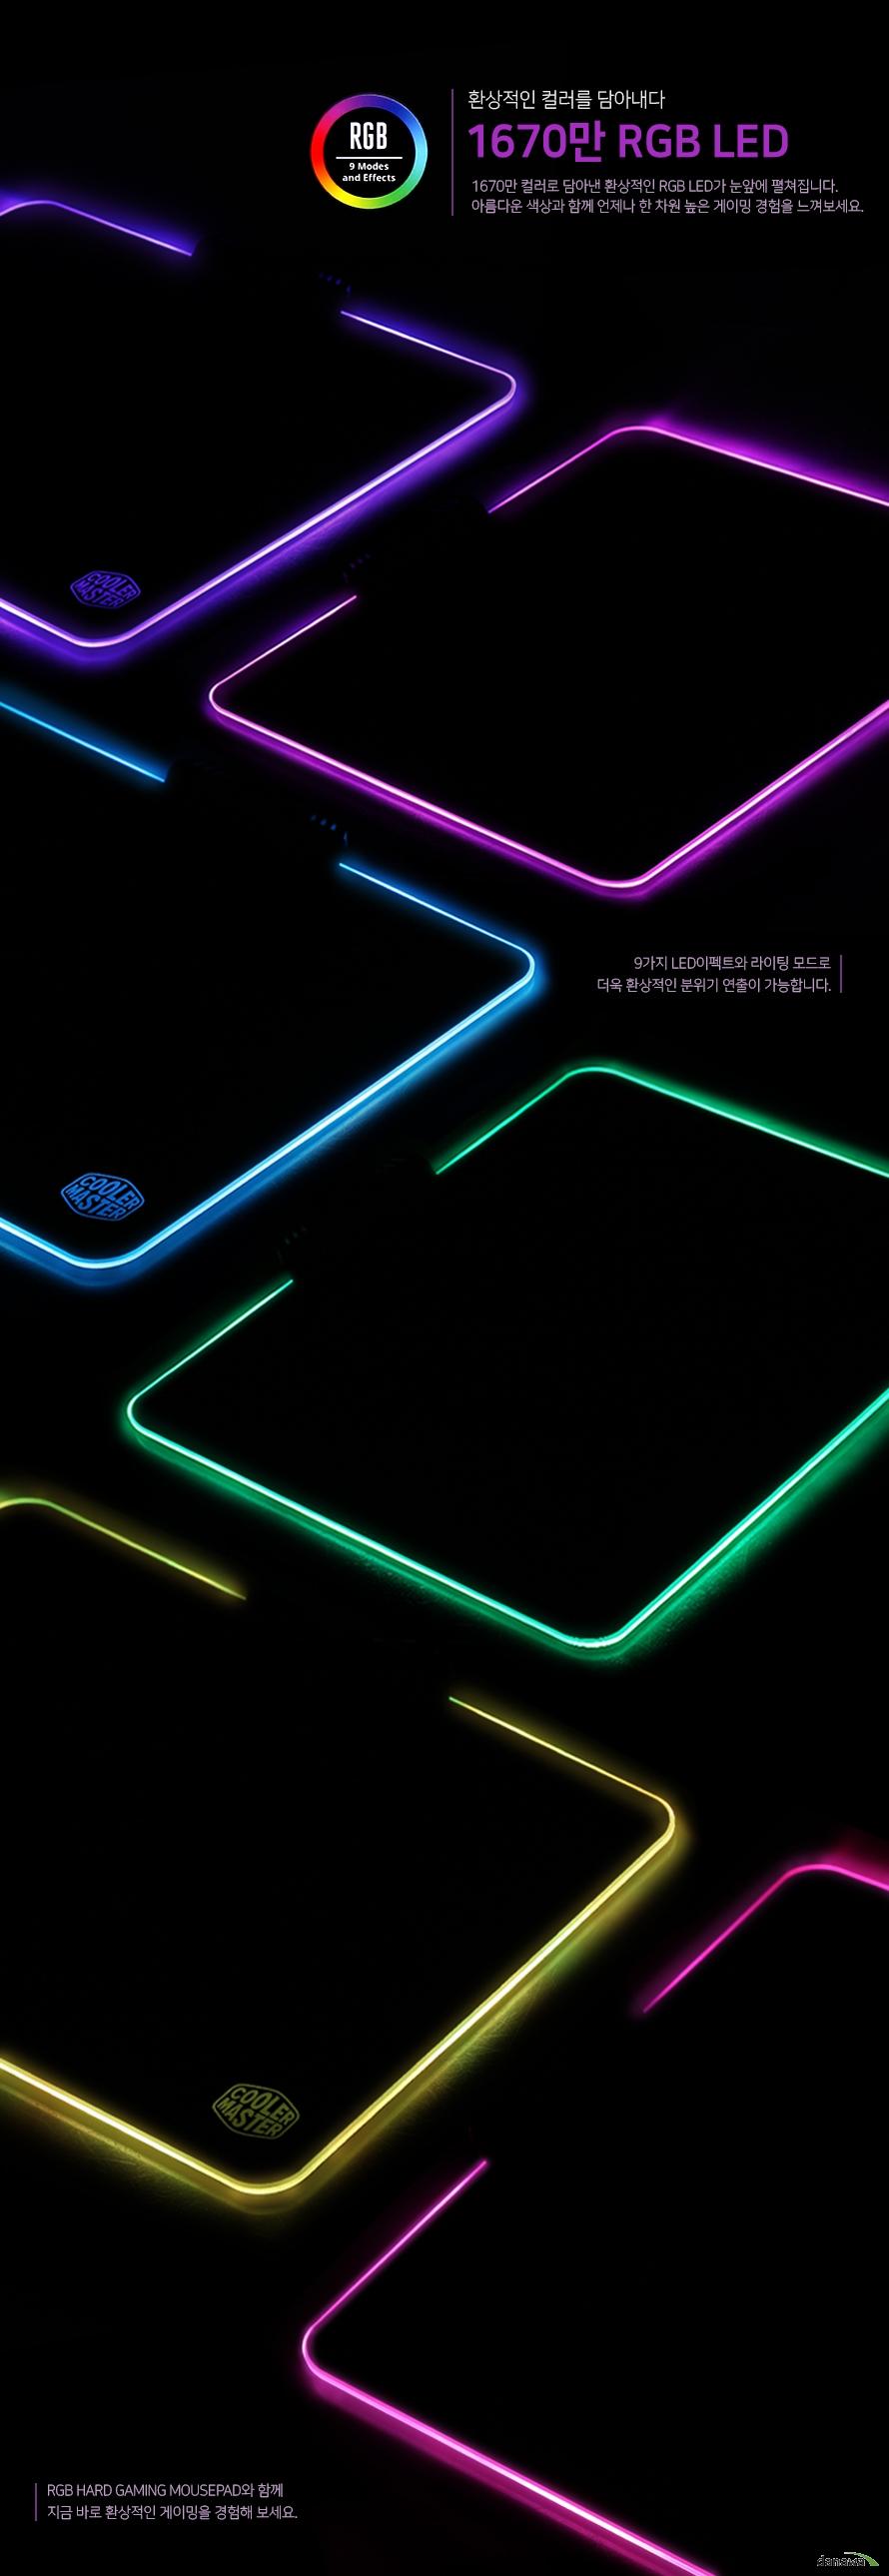 환상적인 컬러를 담아내다1670만 RGB LED1670만 컬러로 담아낸 환상적인 RGB LED가 눈앞에 펼쳐집니다.아름다운 색상과 함께 언제나 한 차원 높은 게이밍 경험을 느껴보세요.9가지 LED이펙트와 라이팅 모드로 더욱 환상적인 분위기 연출이 가능합니다.RGB 하드 게이밍 마우스패드와 함께 지금 바로 환상적인 게이밍을 경험해 보세요.